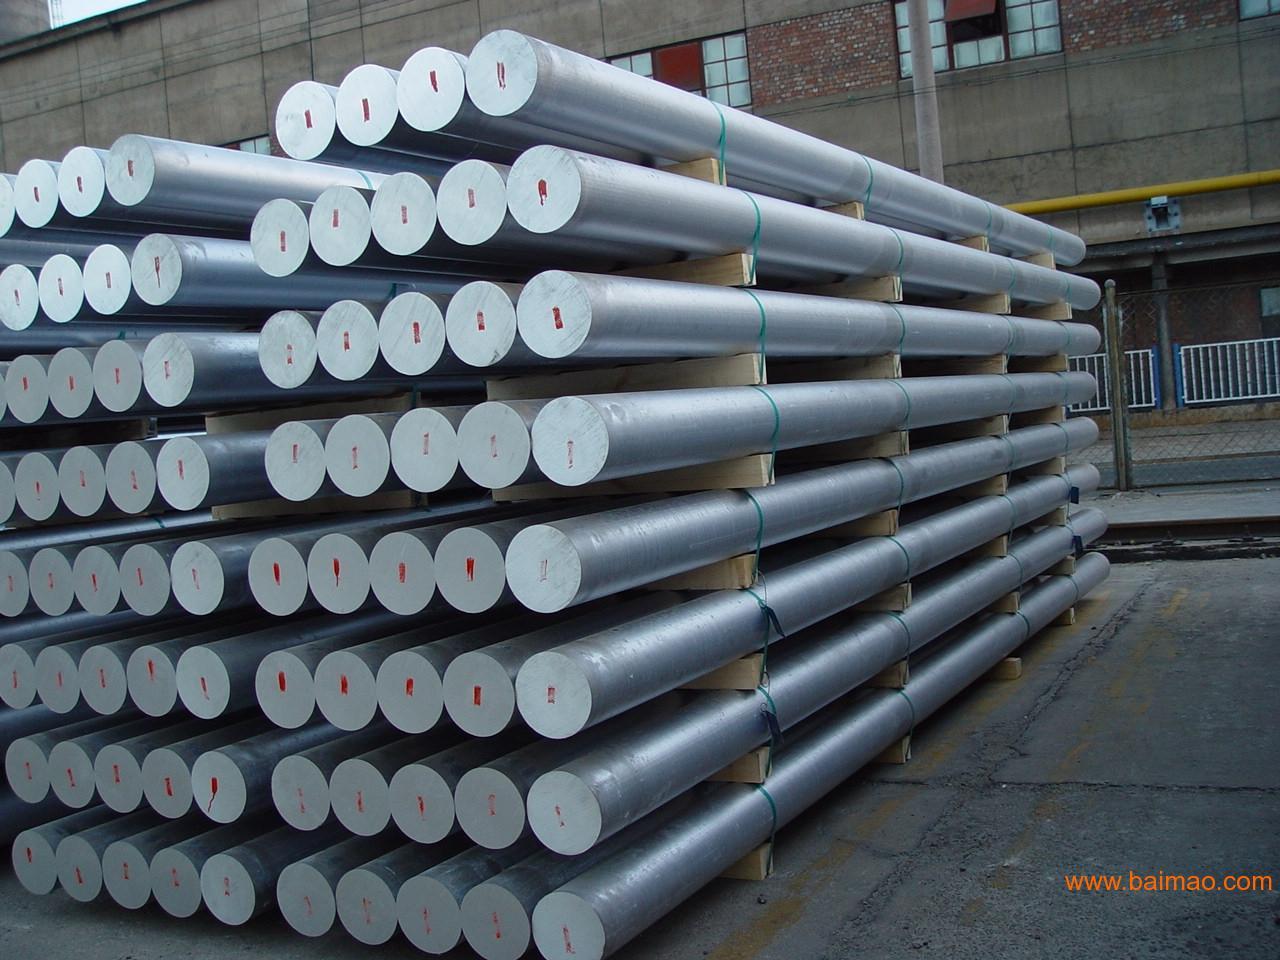 铝棒_2A14铝棒;铸造铝2A14,2A14铝棒;铸造铝2A14生产厂家,2A14铝棒 ...